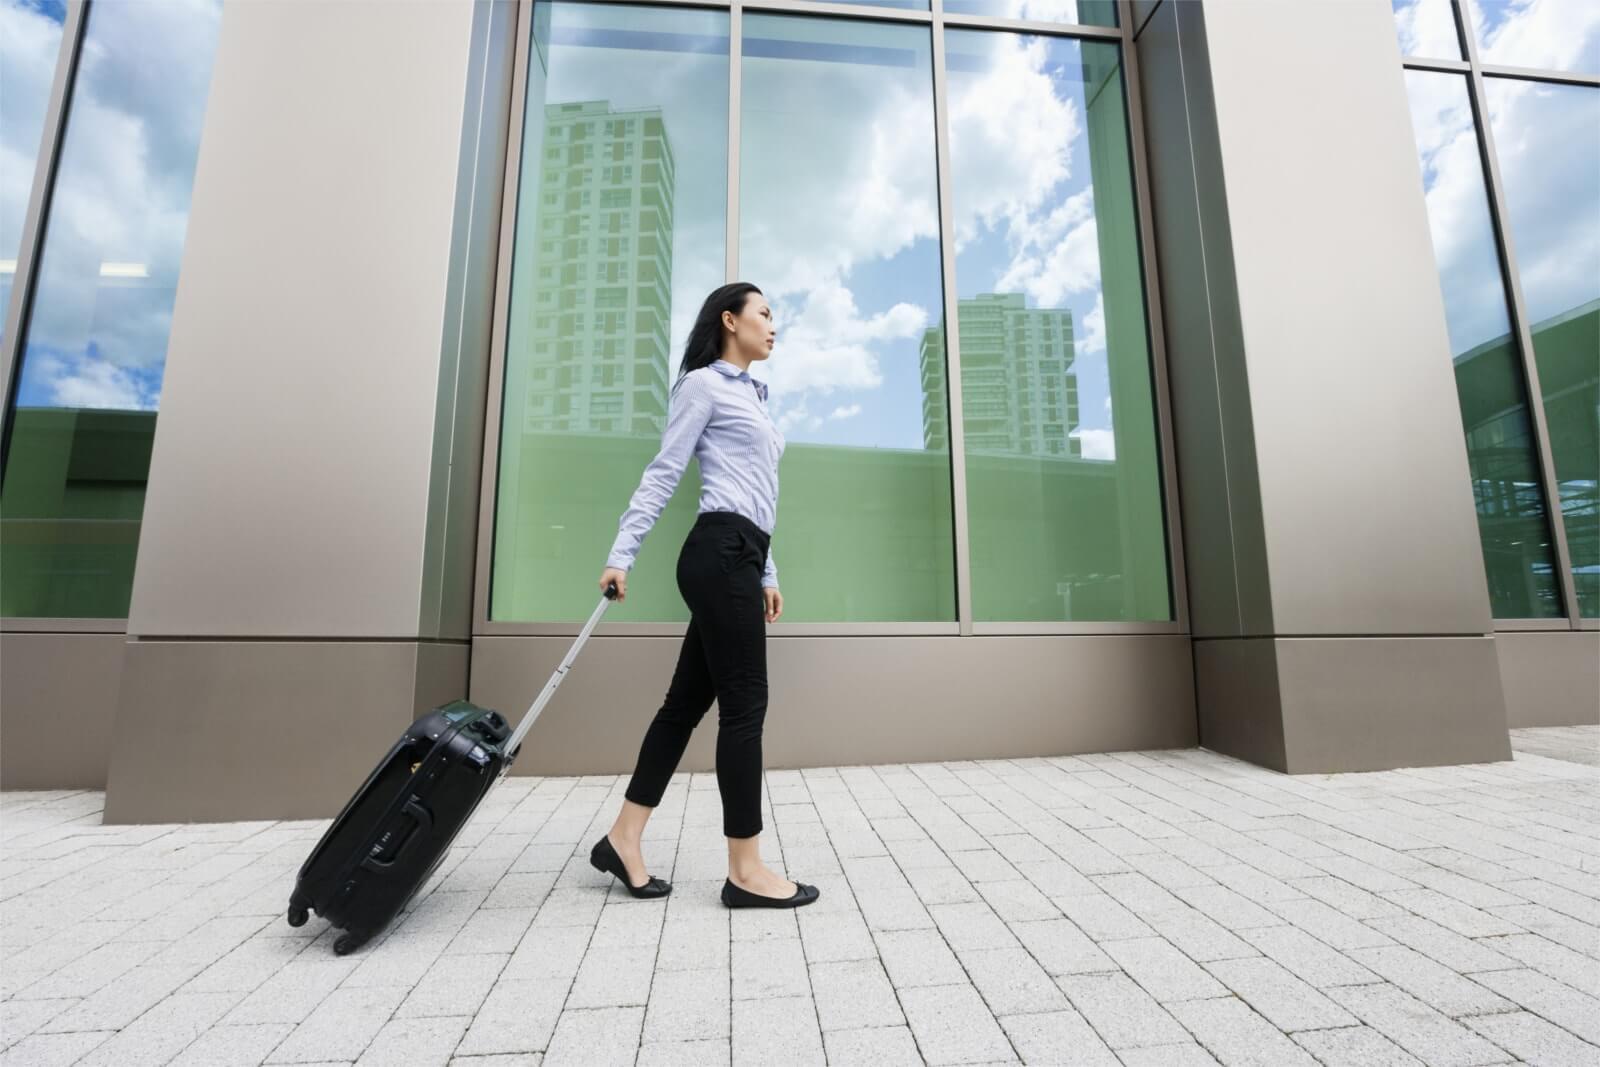 Hier würden Sie das Bild einer Geschäftsreisenden sehen, der Sie Ihre Wohnung auf Zeit vermieten könnten.